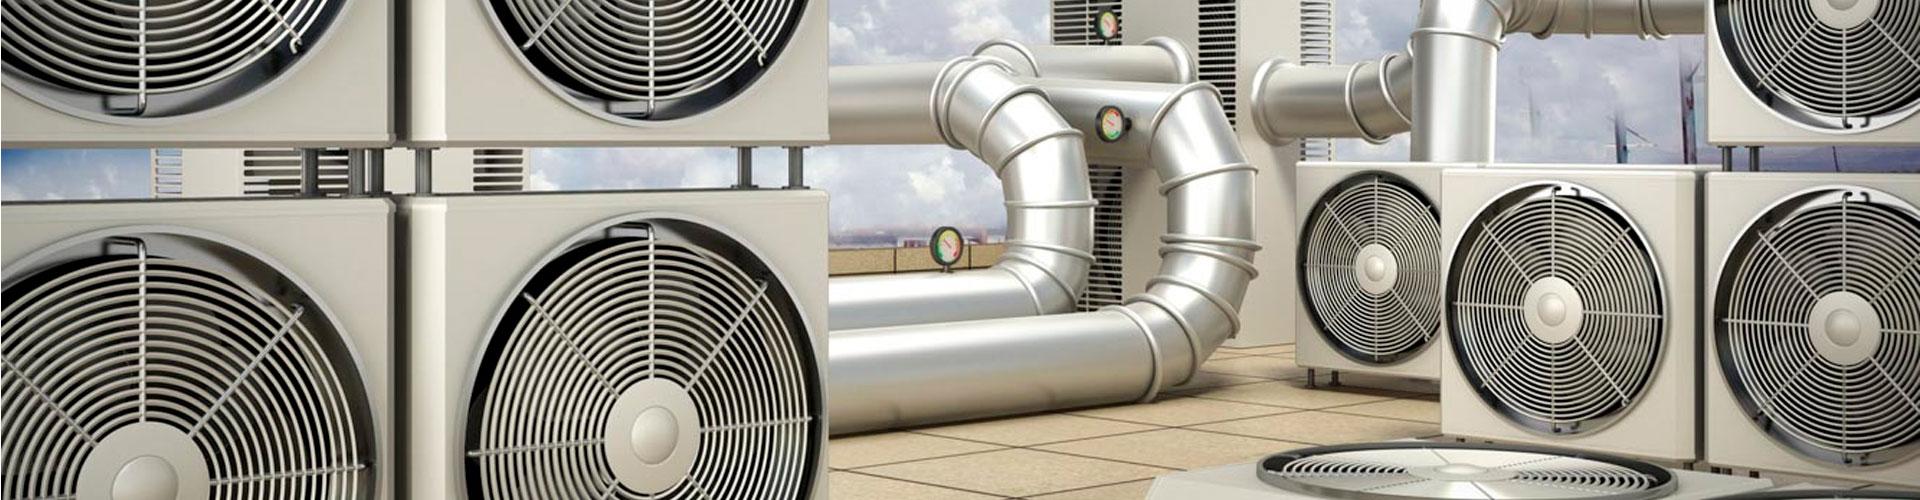 Instalación de climatización y calefacción